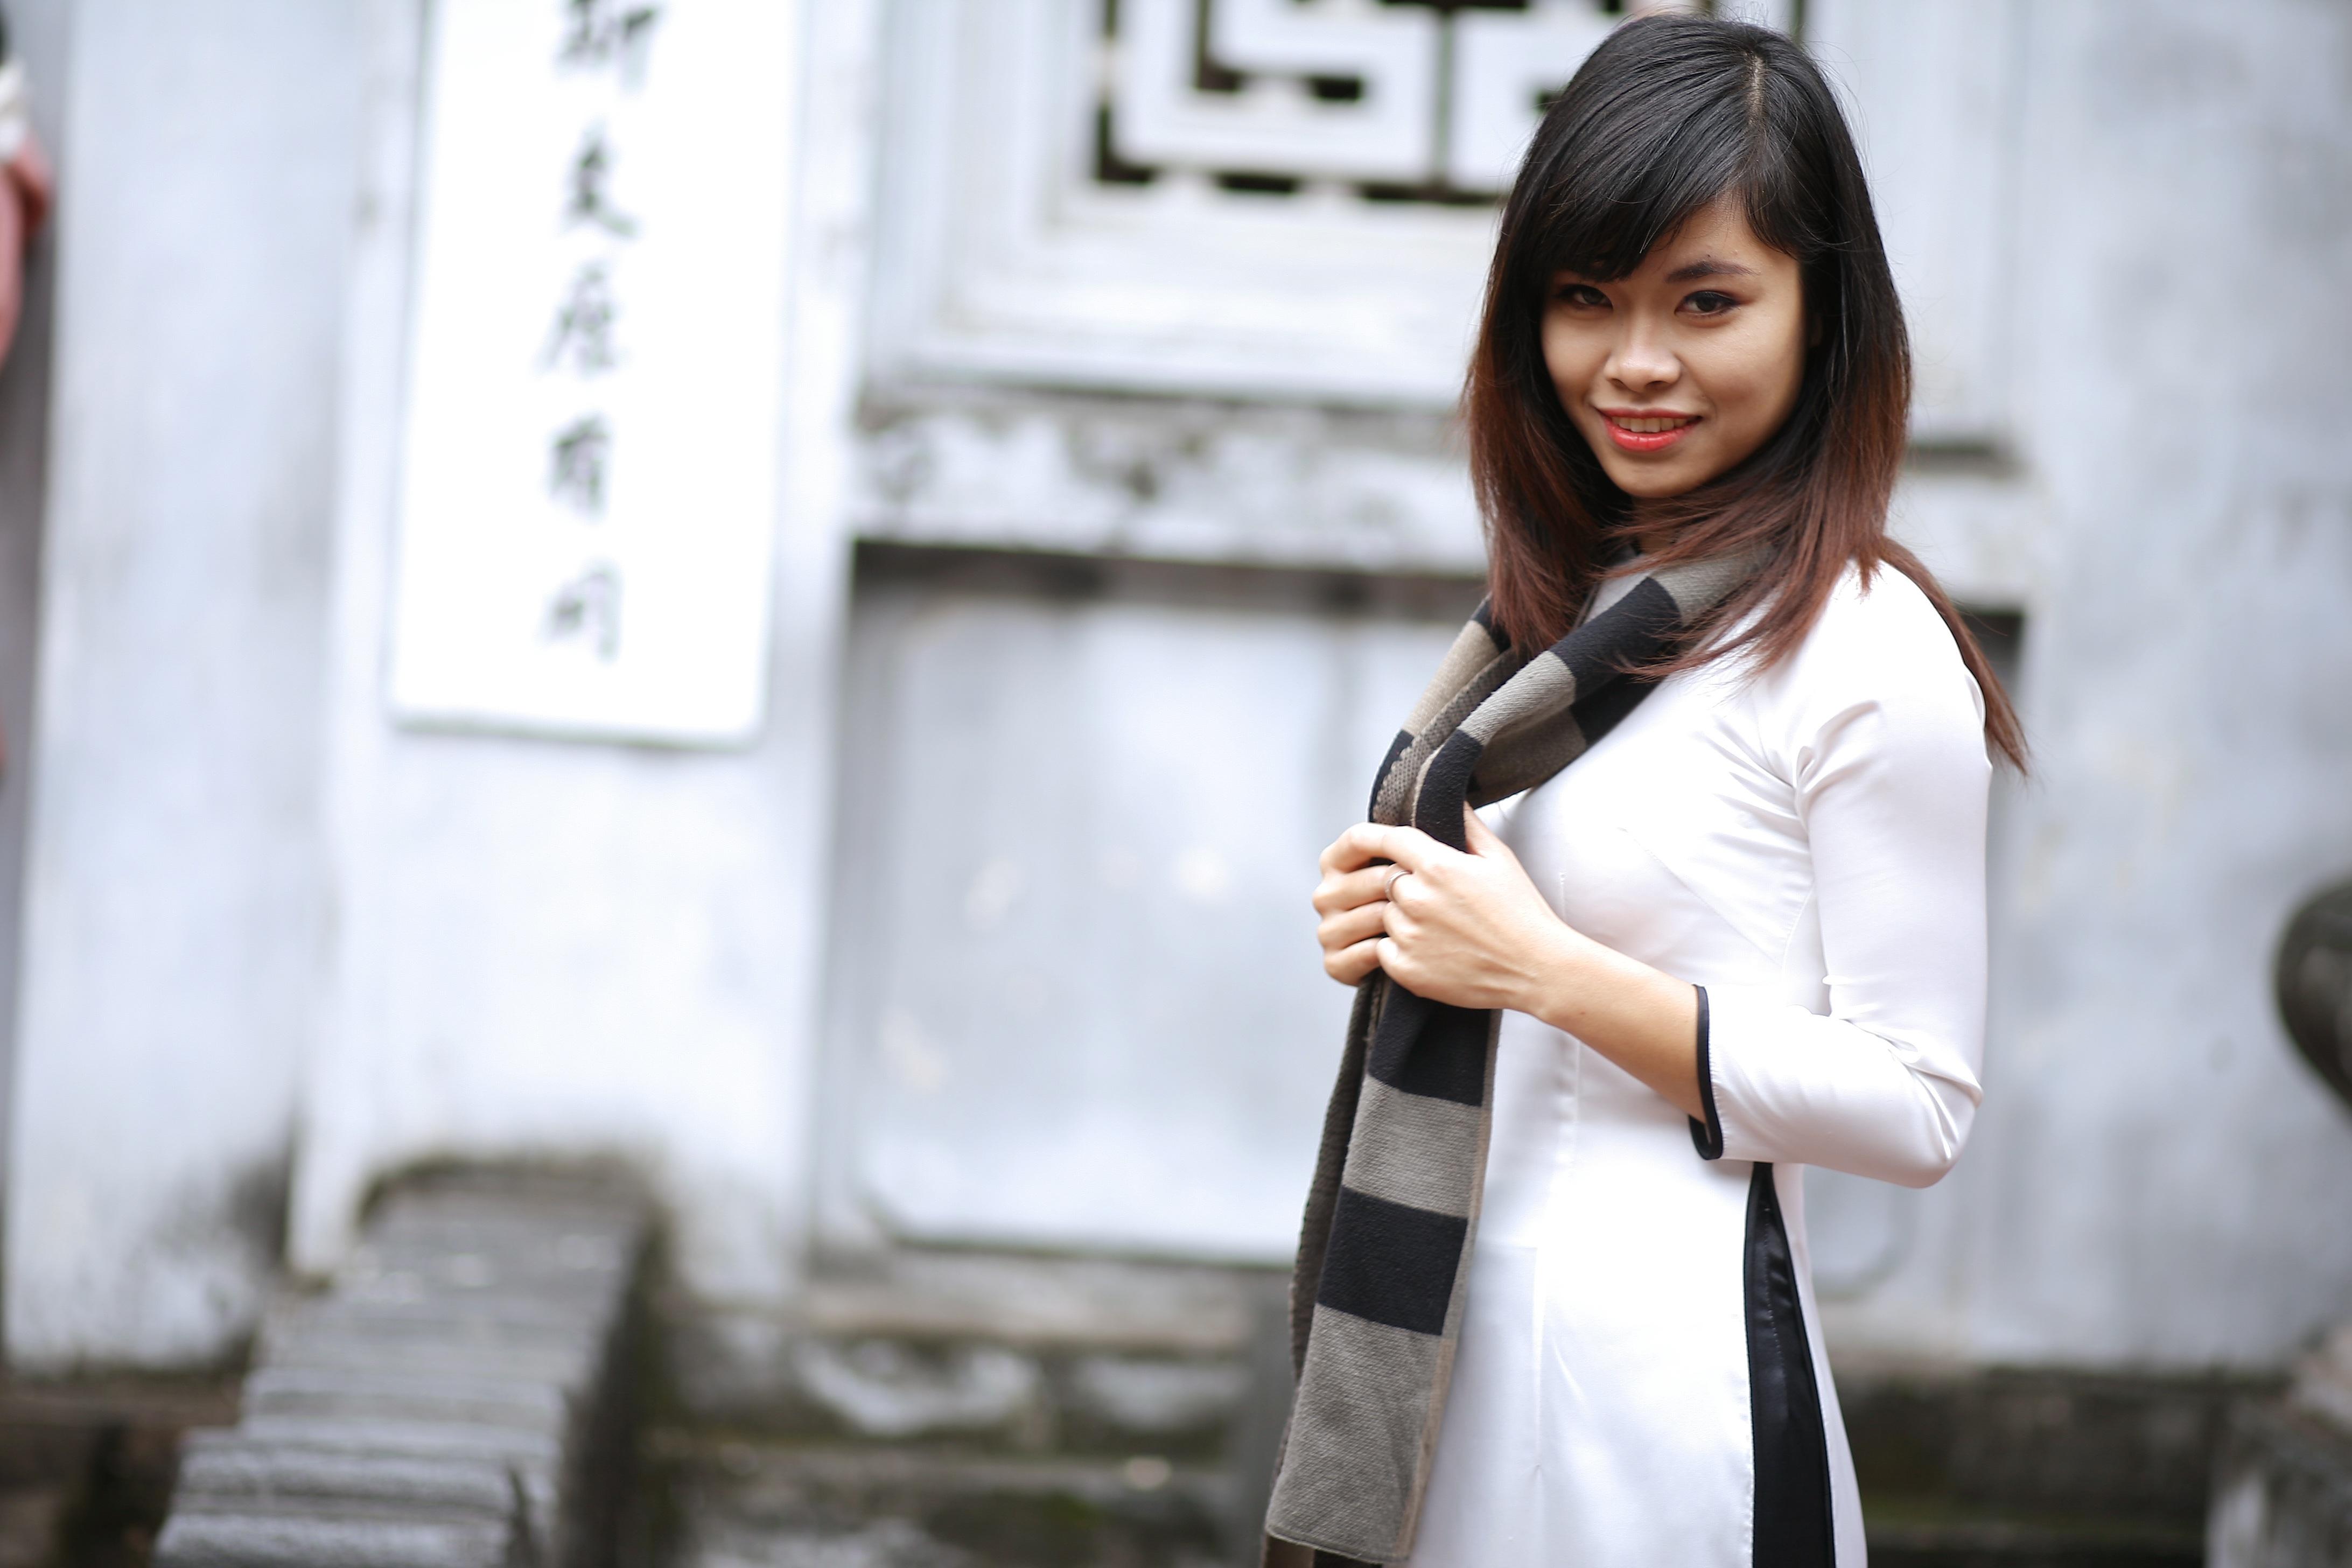 Gambar  Gadis, Putih, Asia, Model, Cina, Mode, Pakaian